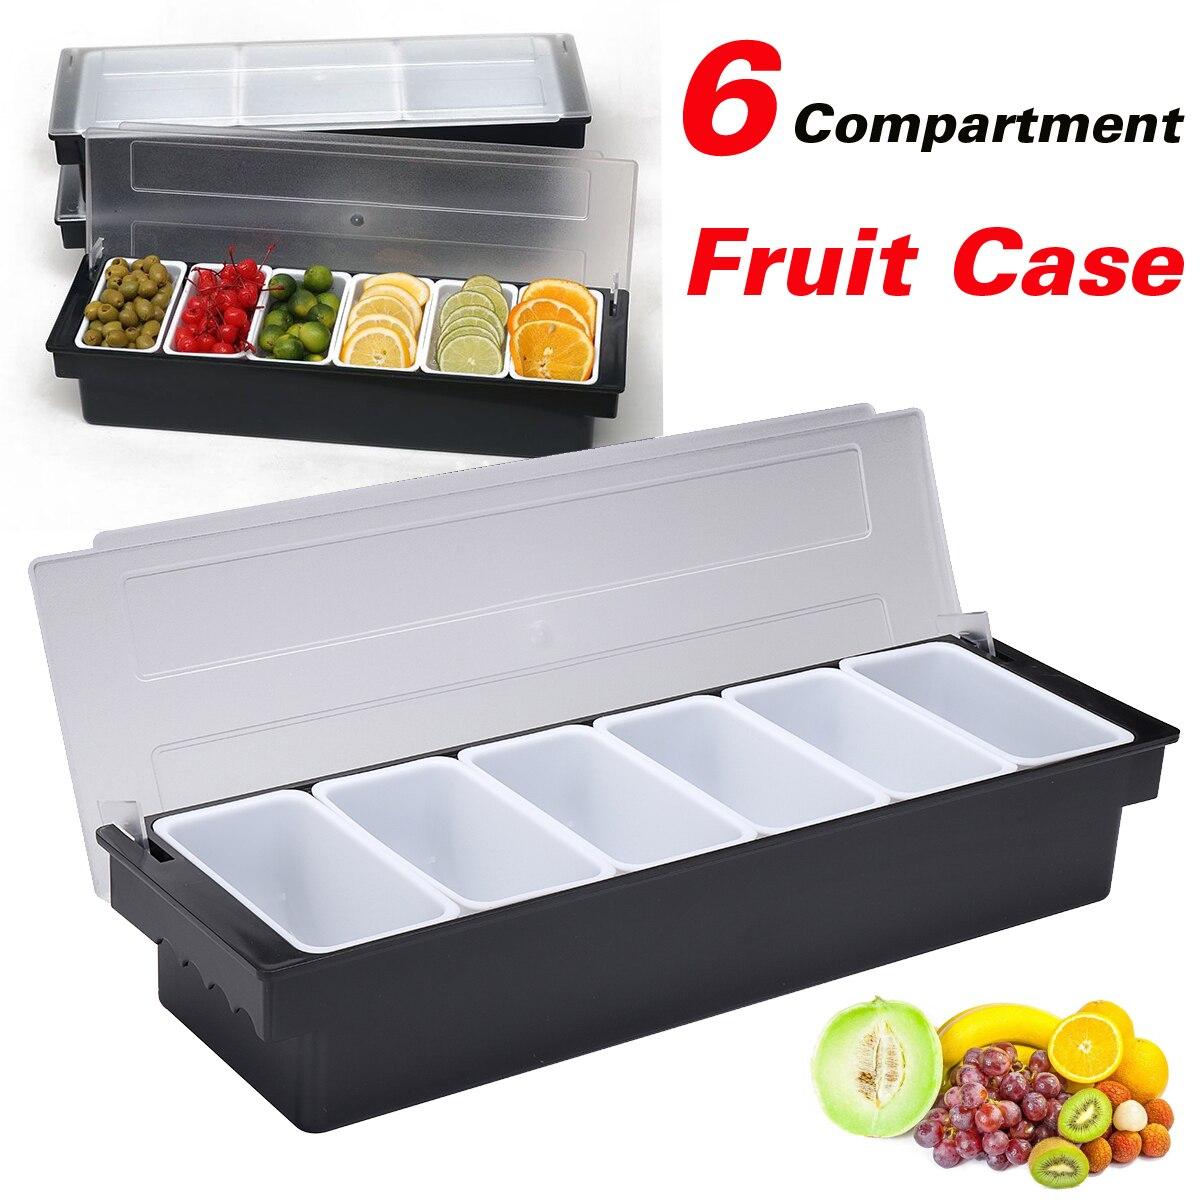 Кухня 6 отсек приправа чехол бар приправ коробка держатель бар напитки фрукты гарнир коктейль Лайм Lemo